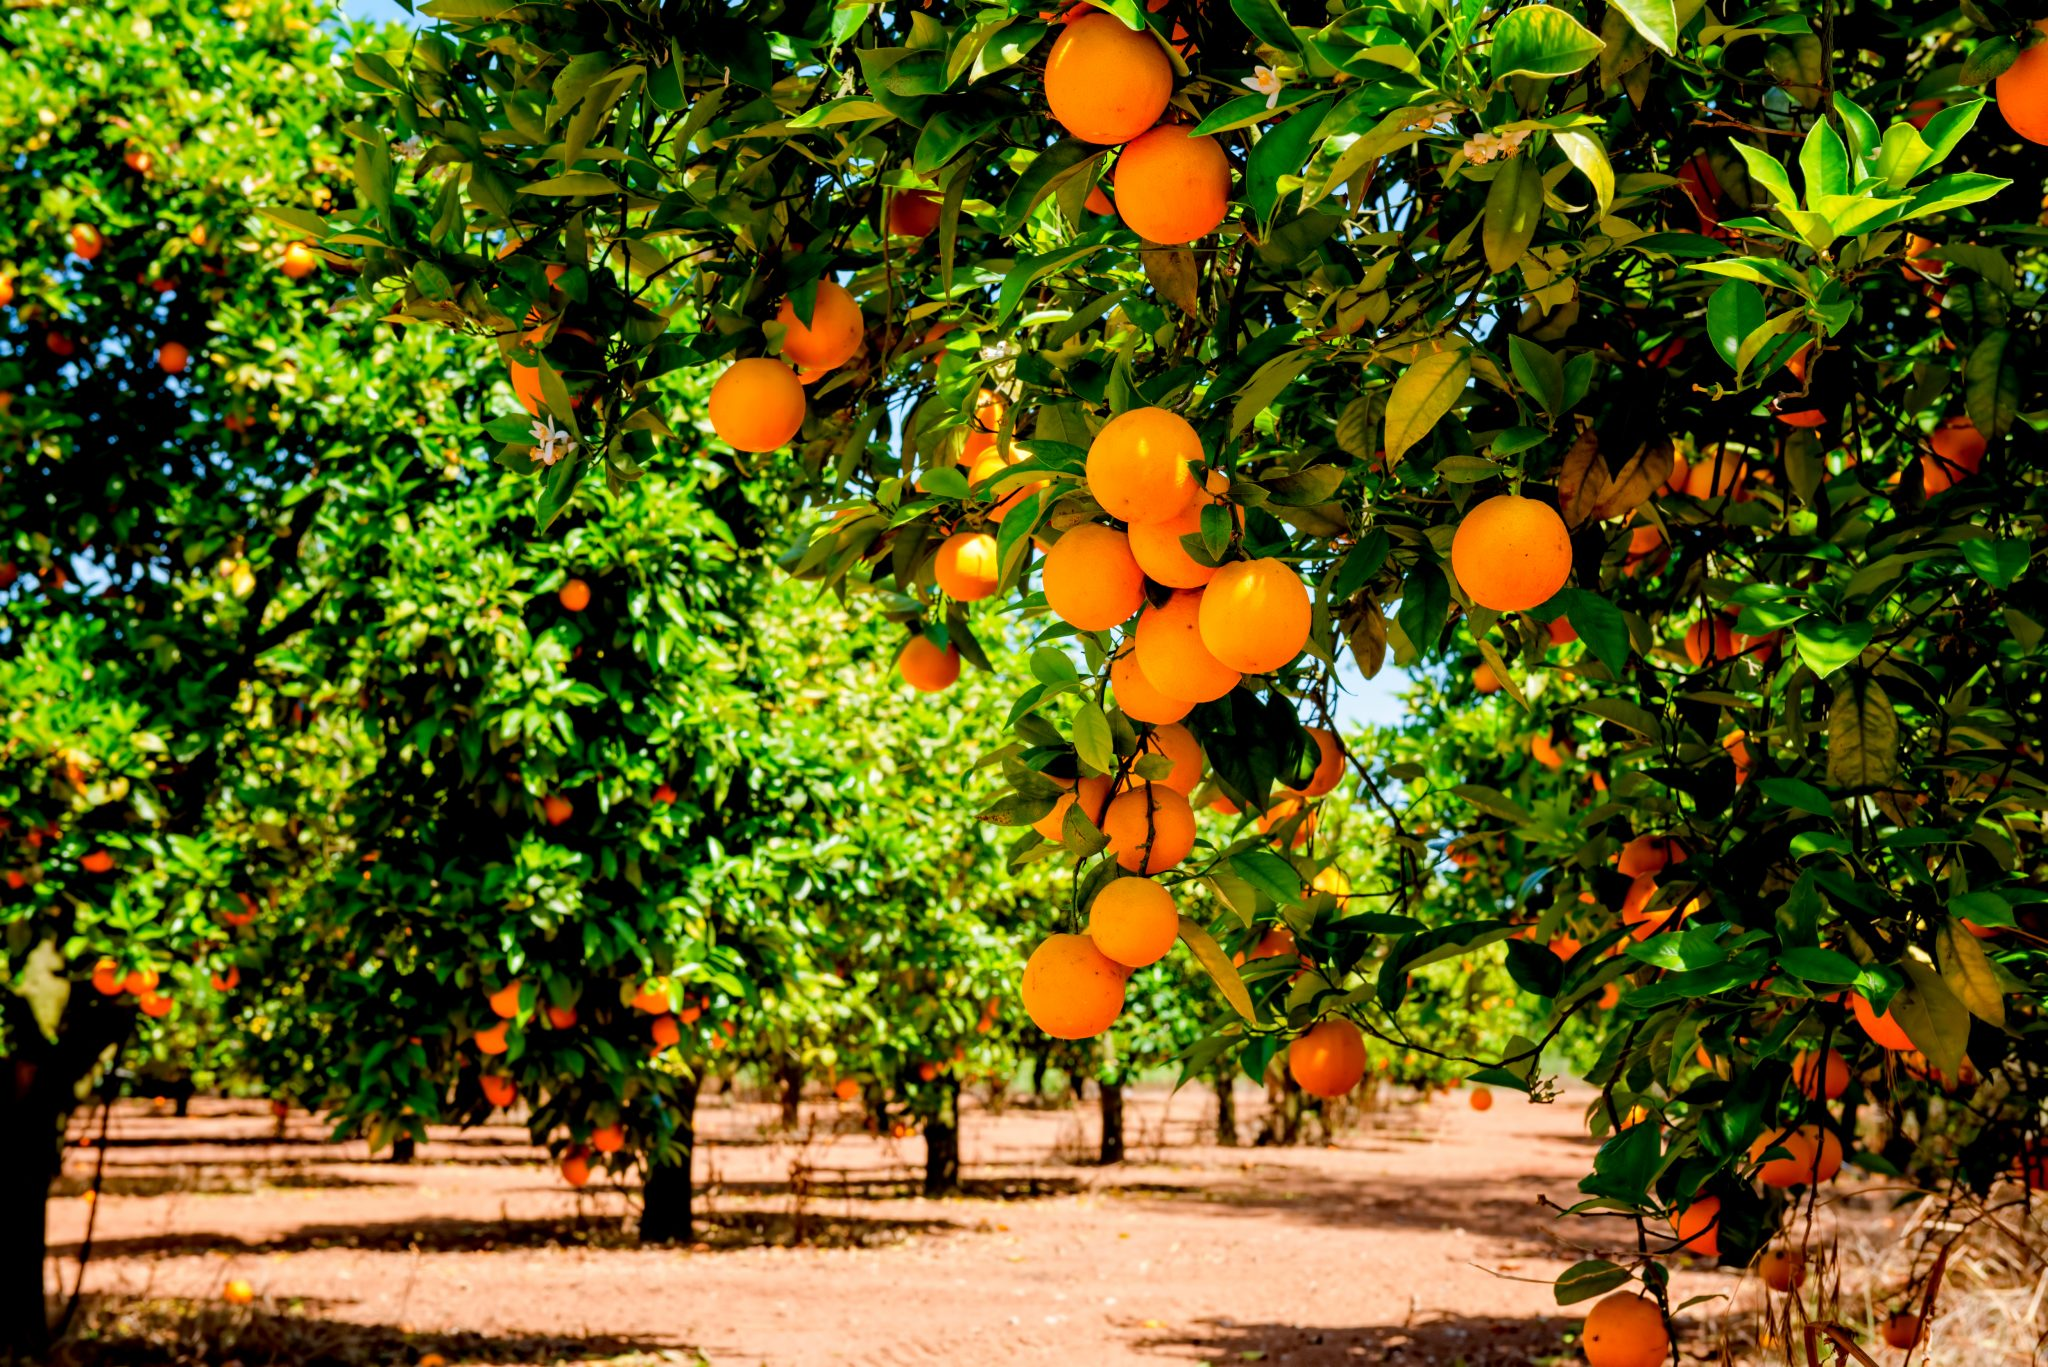 収穫前の木に実っているオレンジ